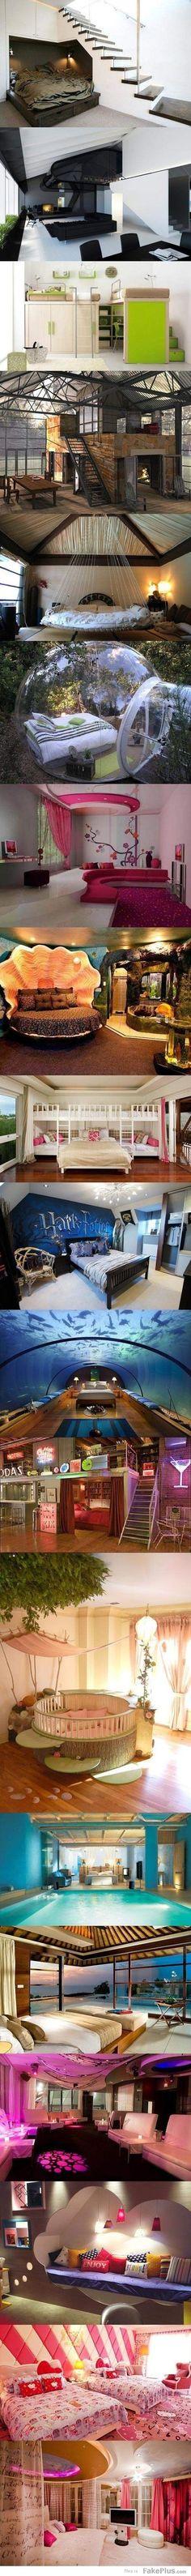 los dormitorios!